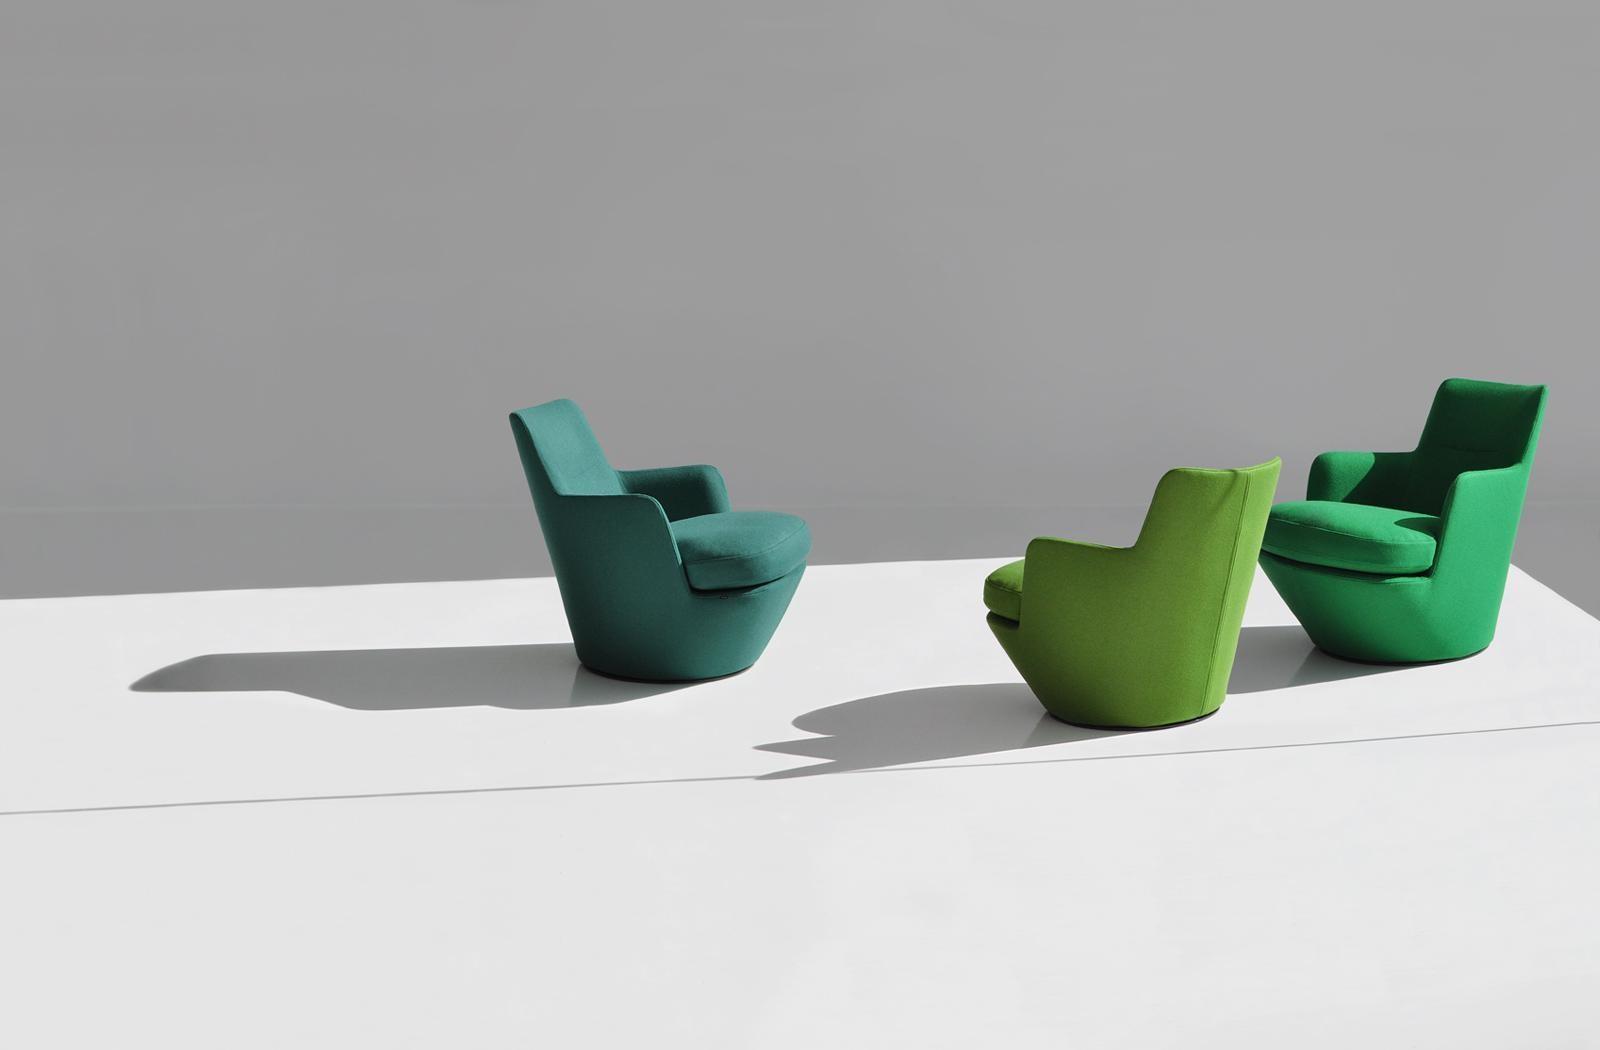 Lo Turn Shadow 3 Chairs